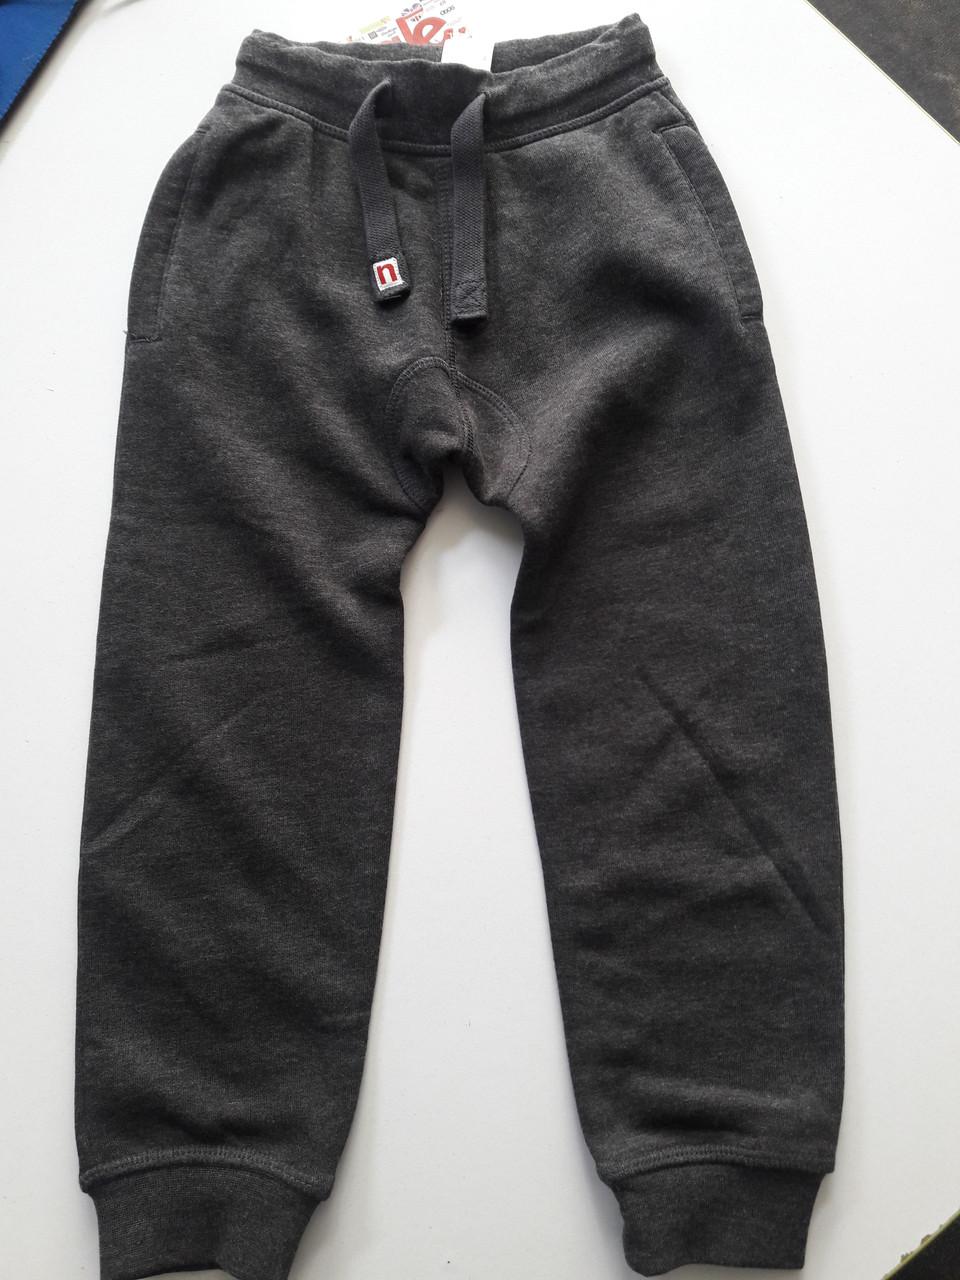 Утепленные серые спортивные штаны Next - Интернет-магазин